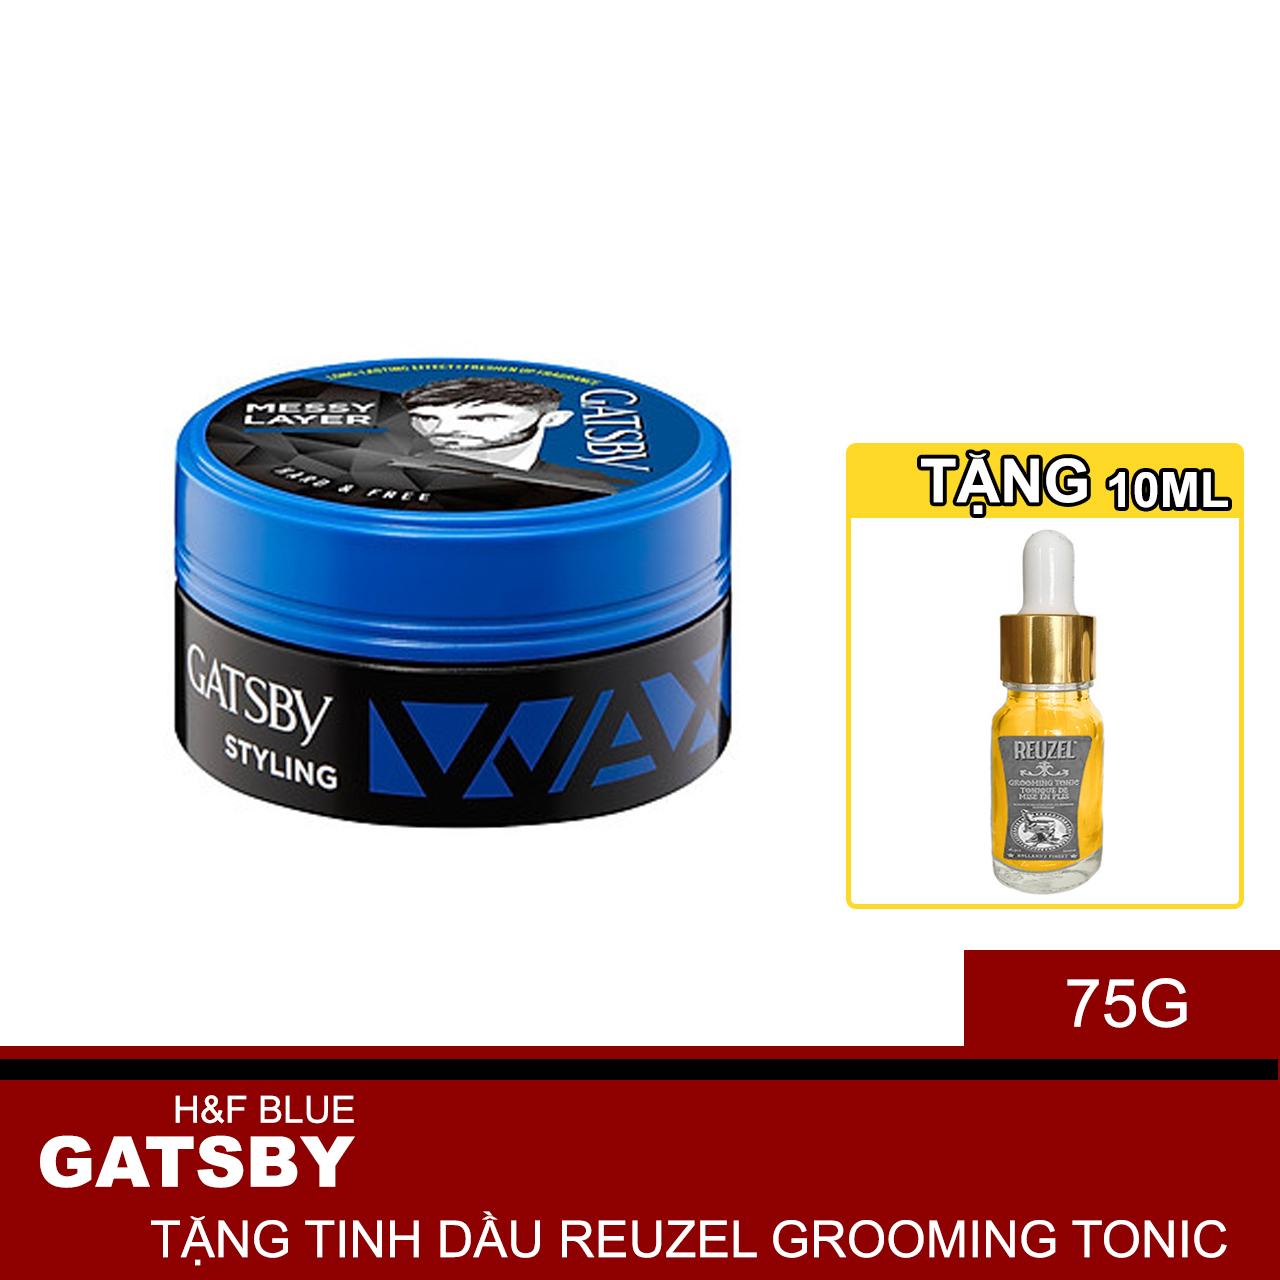 Wax Tạo Kiểu Tóc  Messy Layer Phong Cách Lãng Tử Hard & Free + Tặng Reuzel Grooming Tonic - Chính hãng - GATSBY STYLING WAX 75G